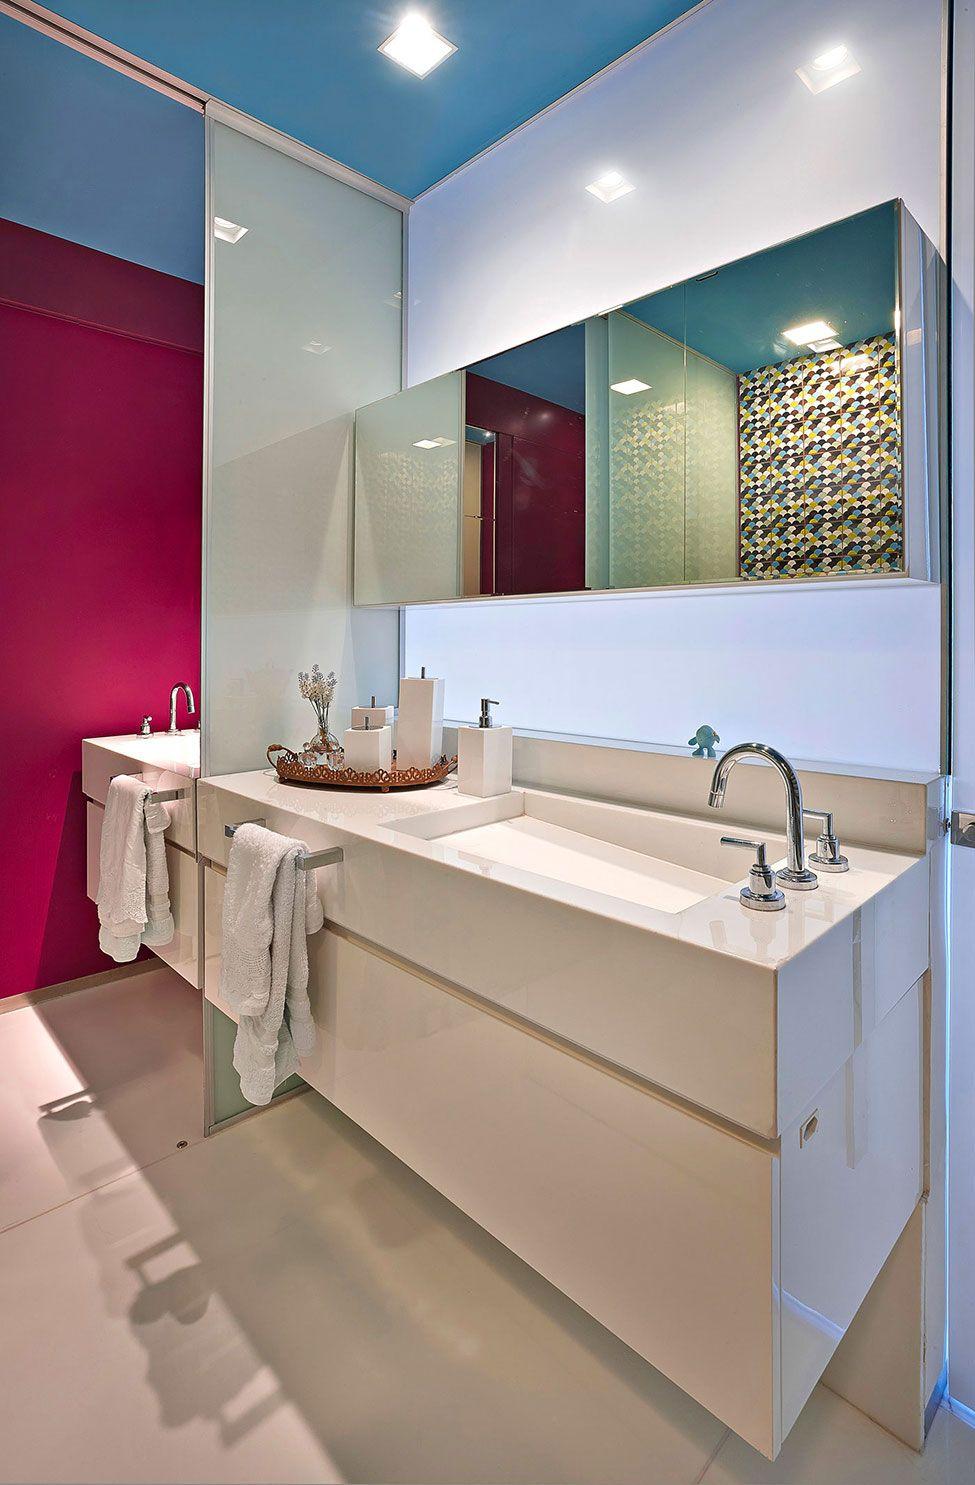 O gabinete com acabamento laqueado se camufla com a bancada lisa branca, formando uma composição única e clean.